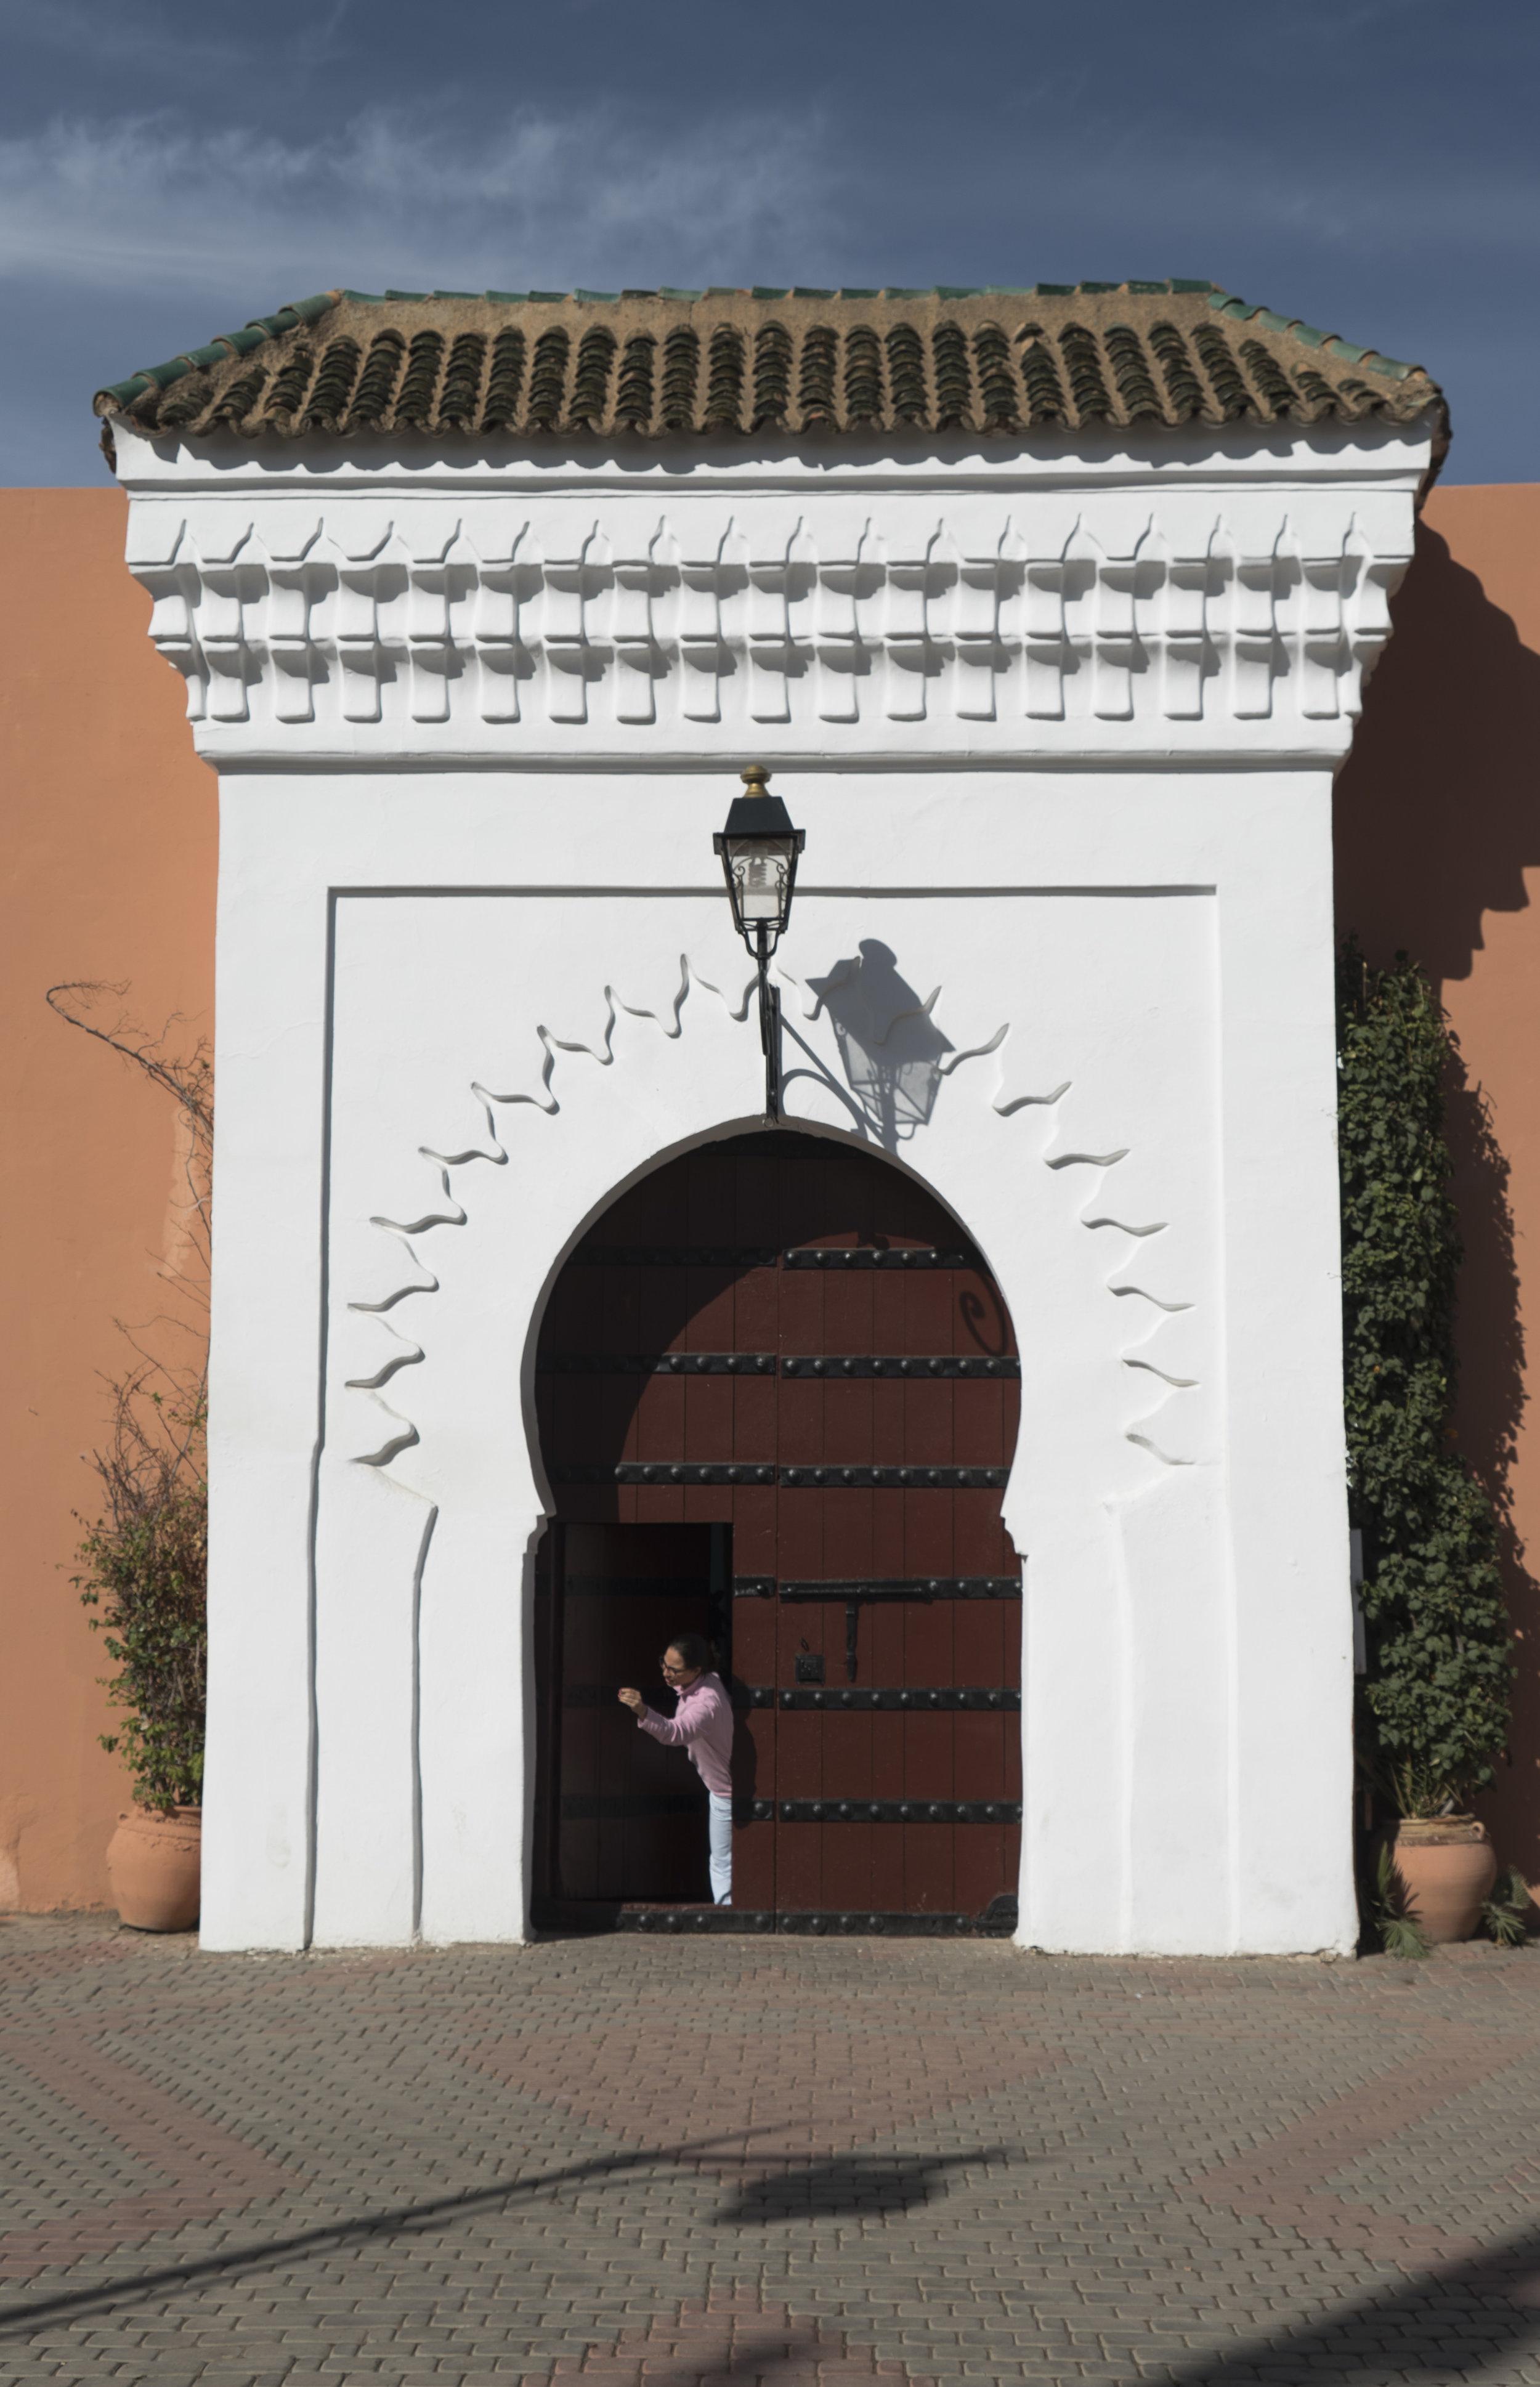 MosqueDoor.jpg